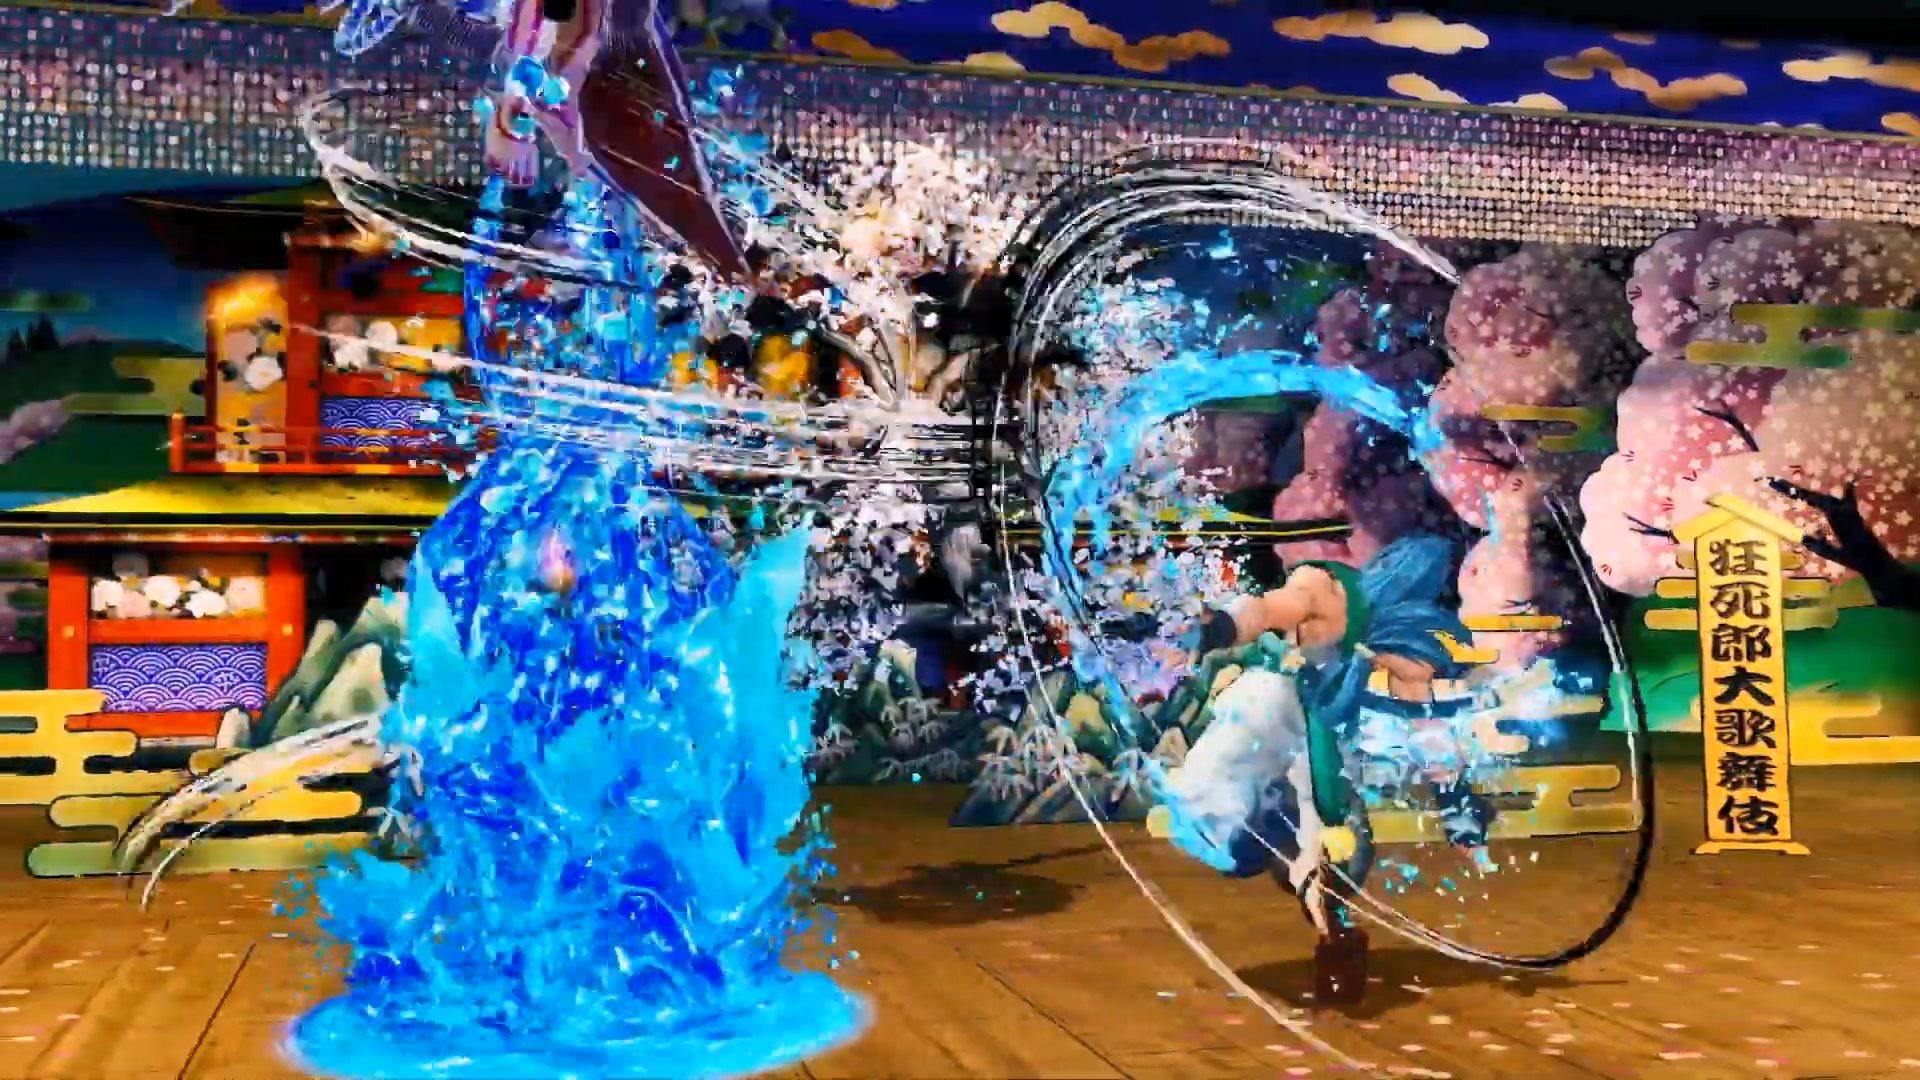 水之力操控者 《侍魂:晓》风间苍月4月2日上线